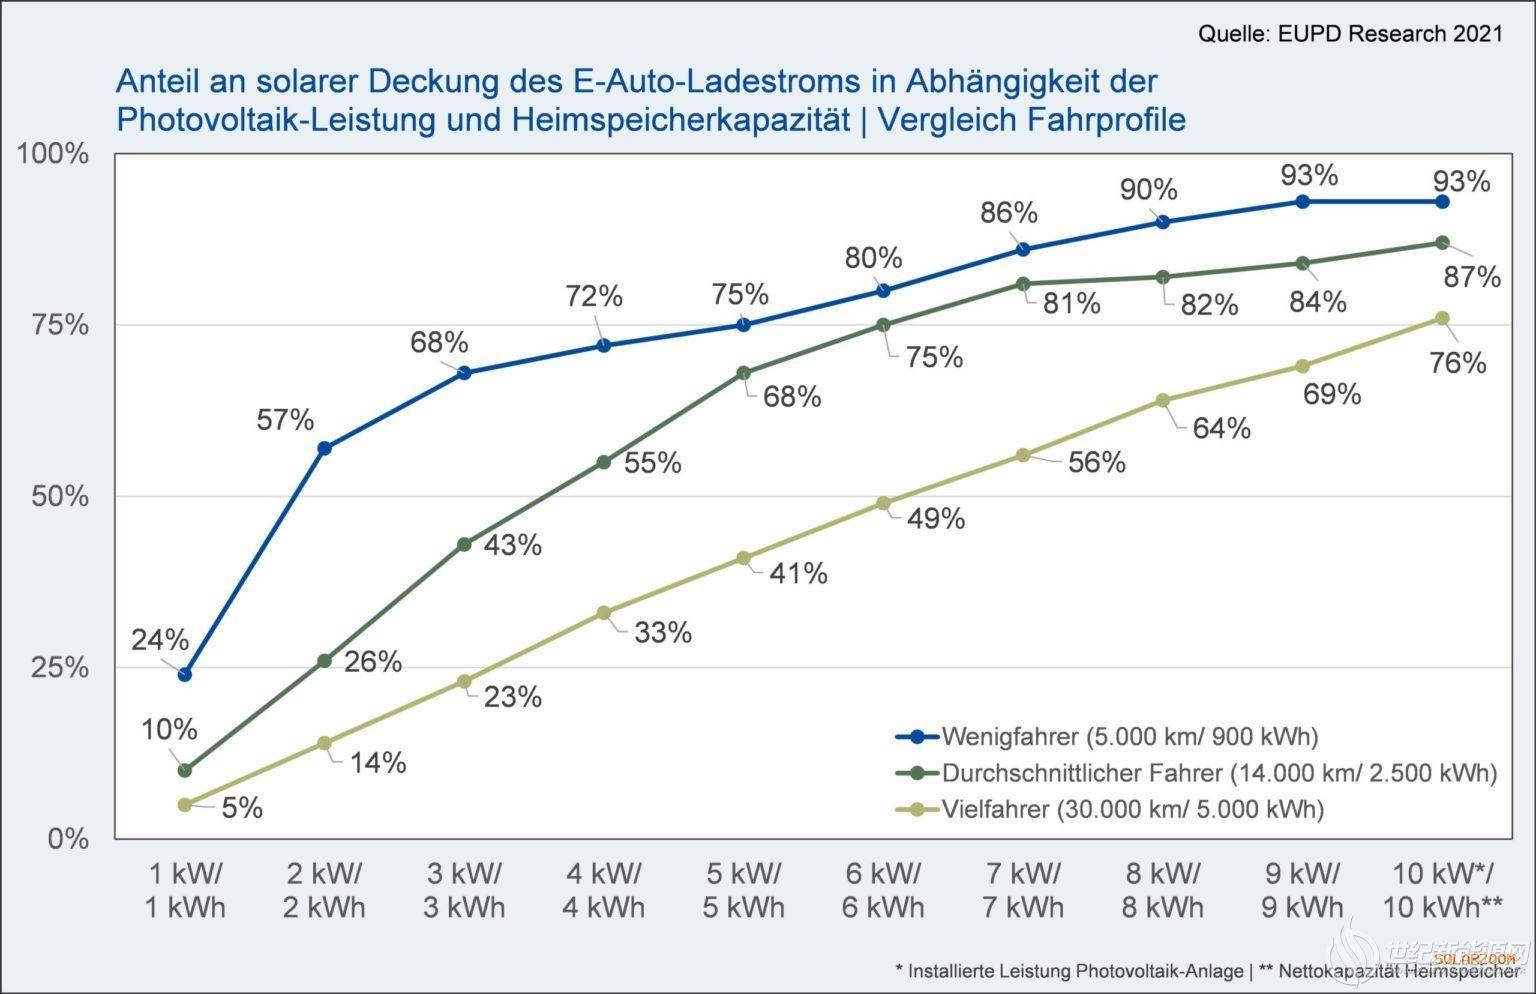 太阳能+储能满足80%的年度电动汽车电力需求